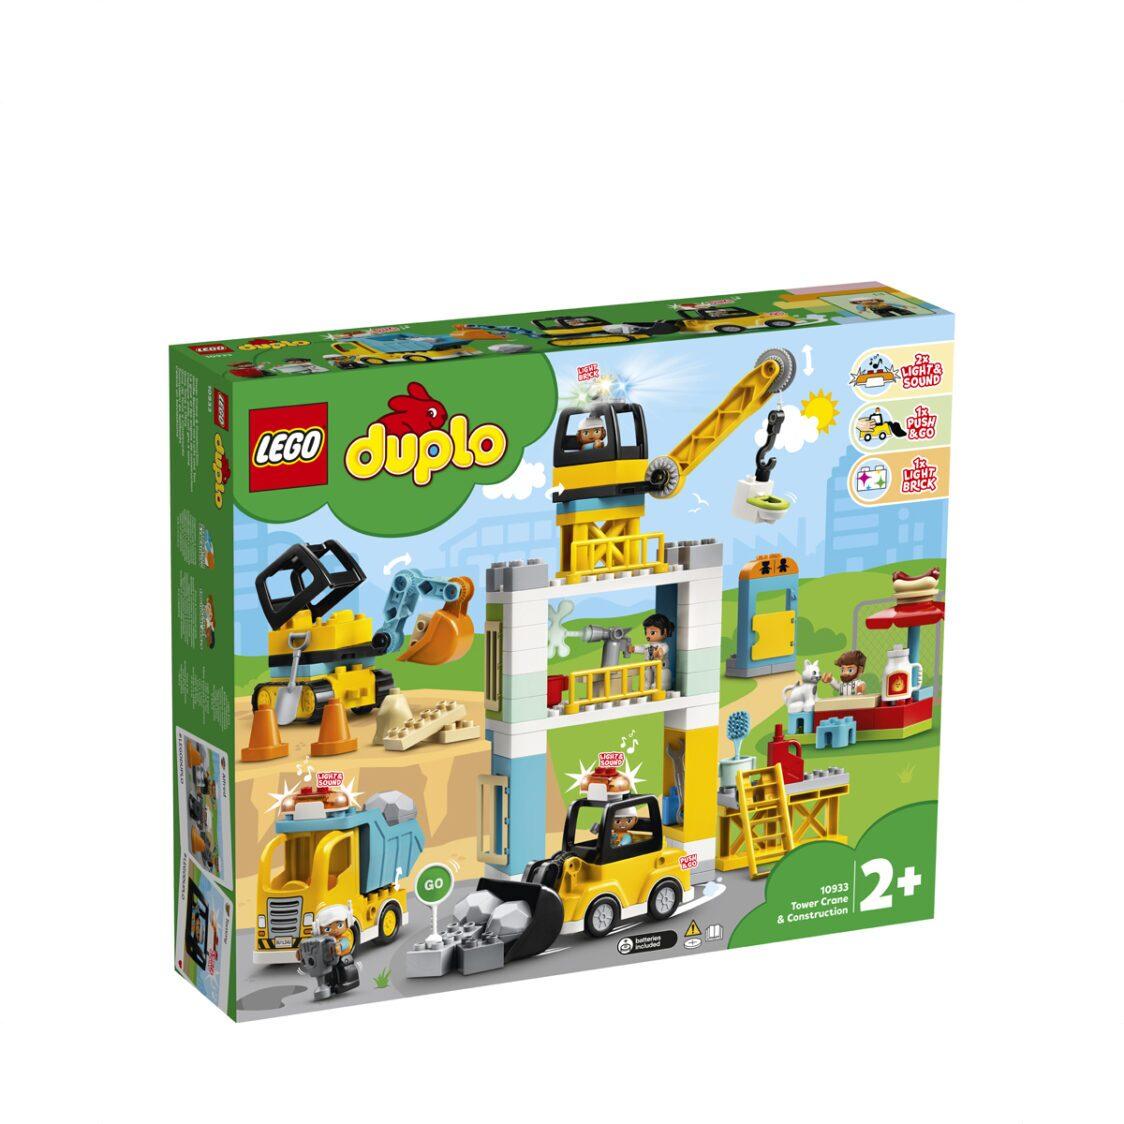 LEGO Tower Crane  Construction 10933 V29